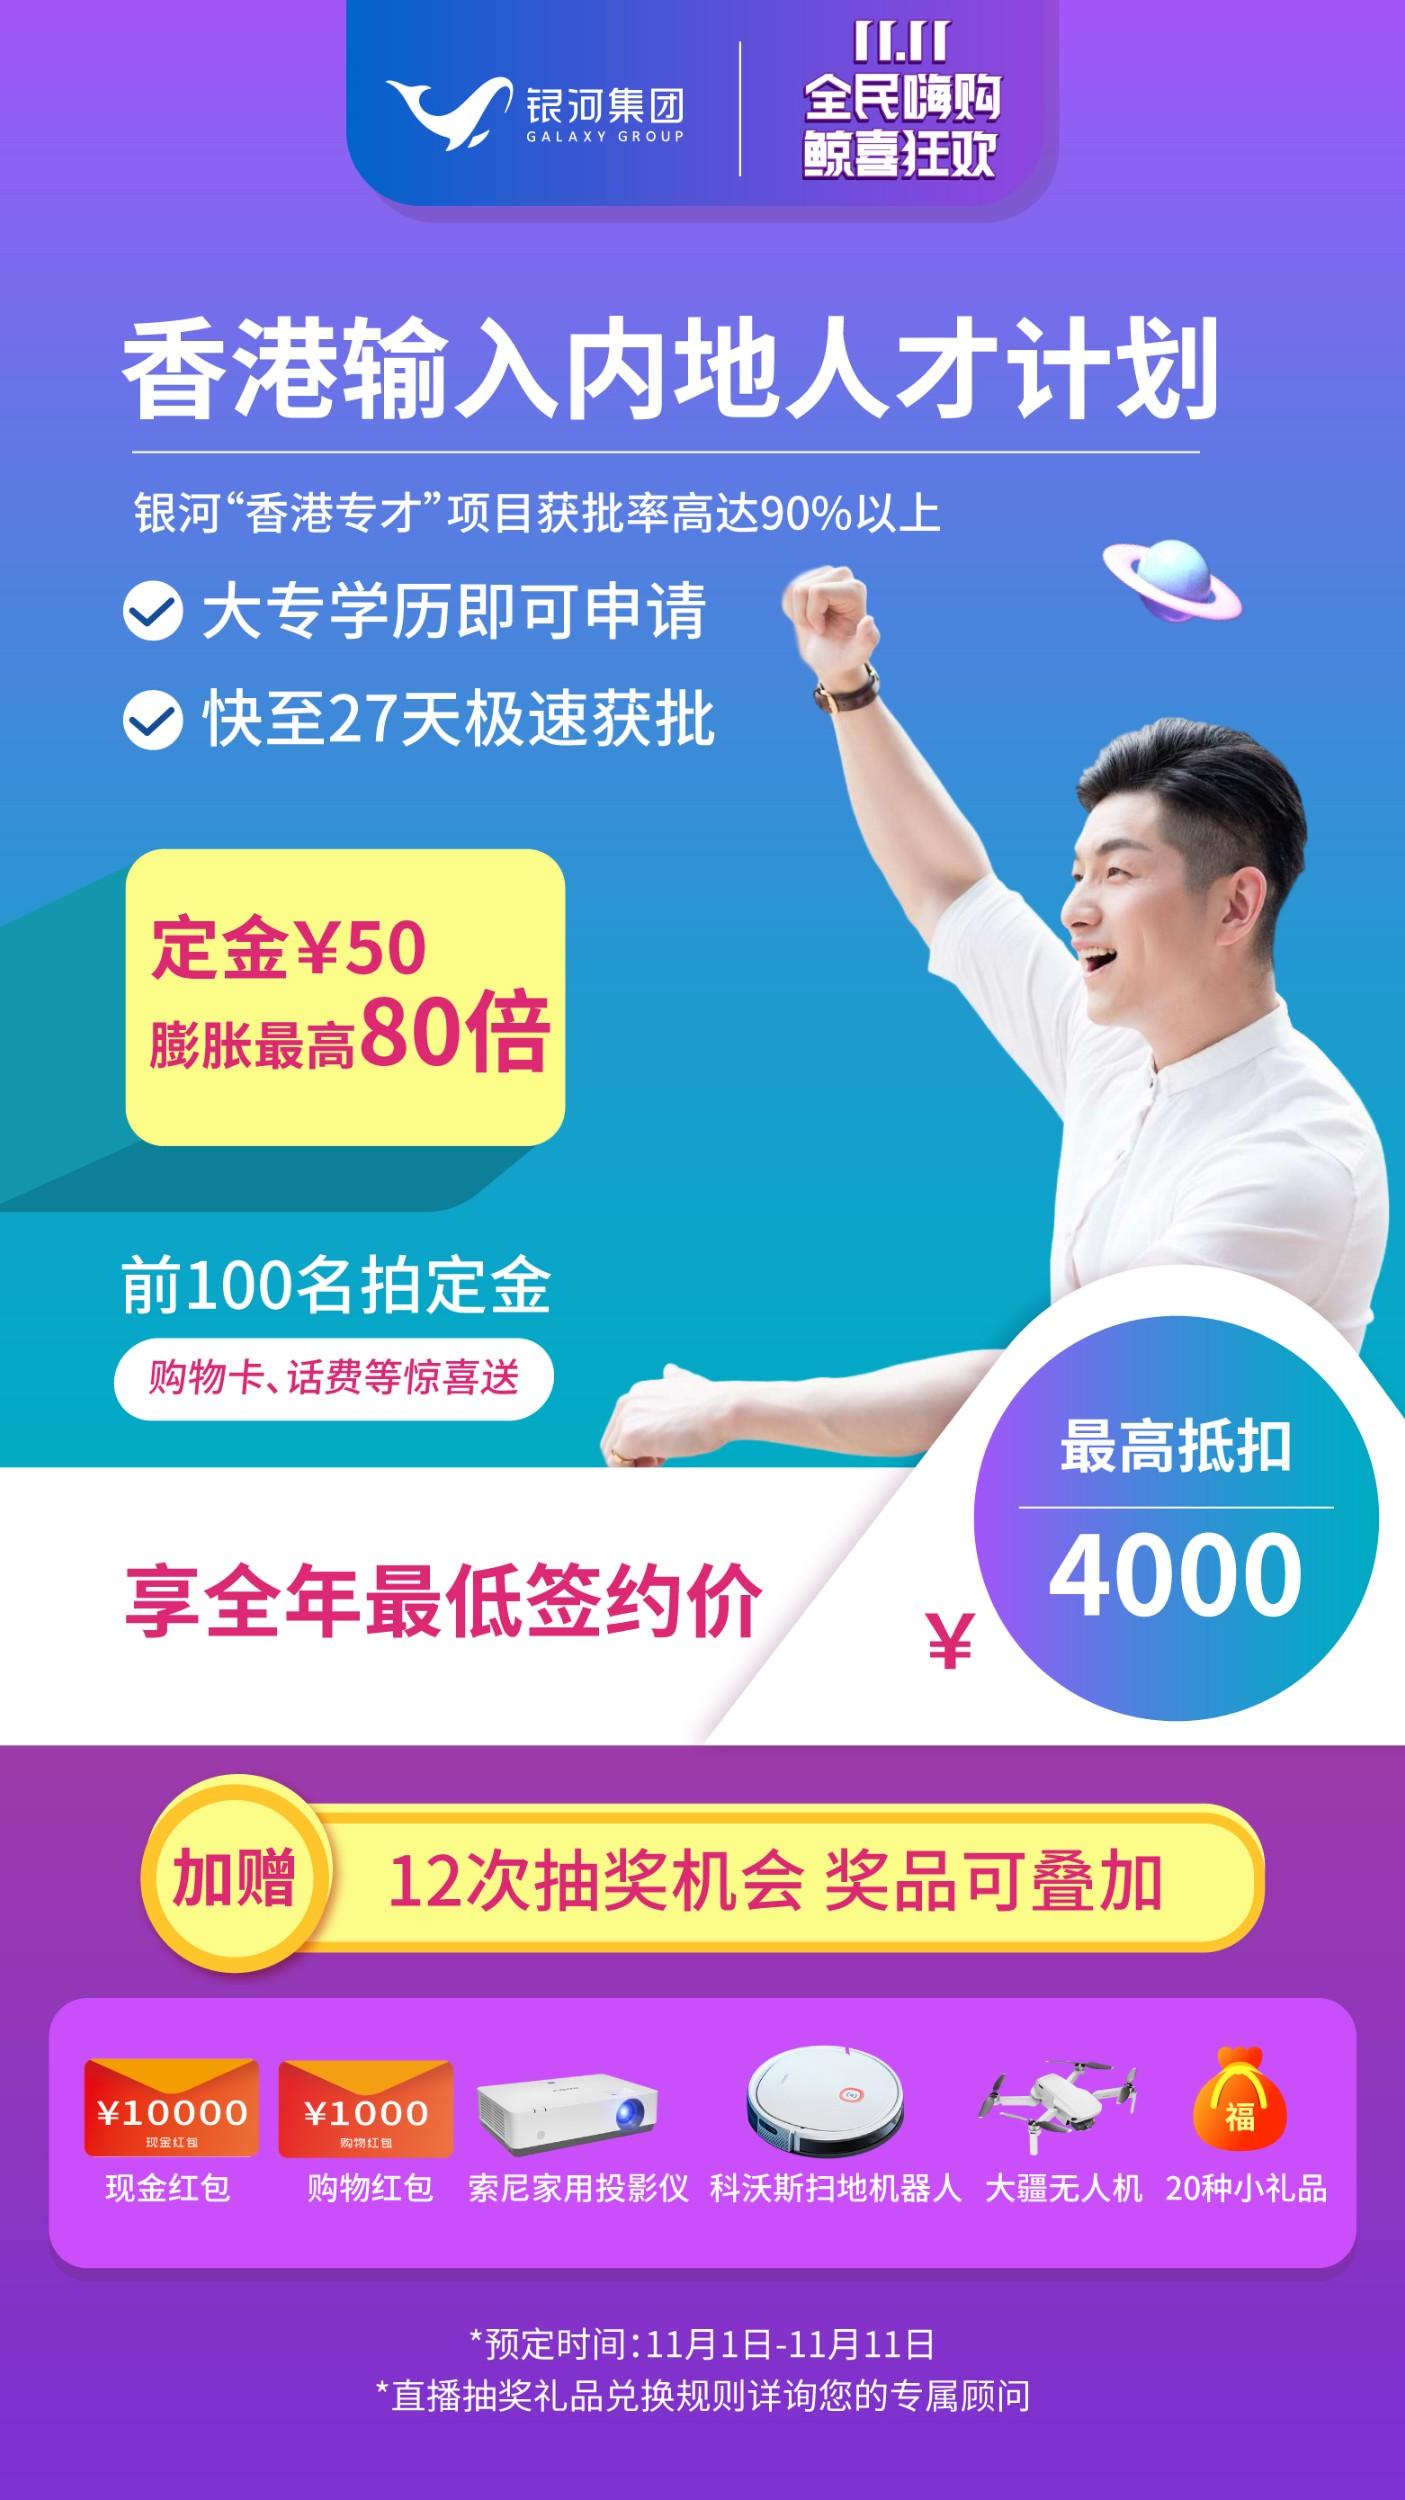 香港专才成功案例 | 乘上开拓内地市场的东风,50天快速获批!